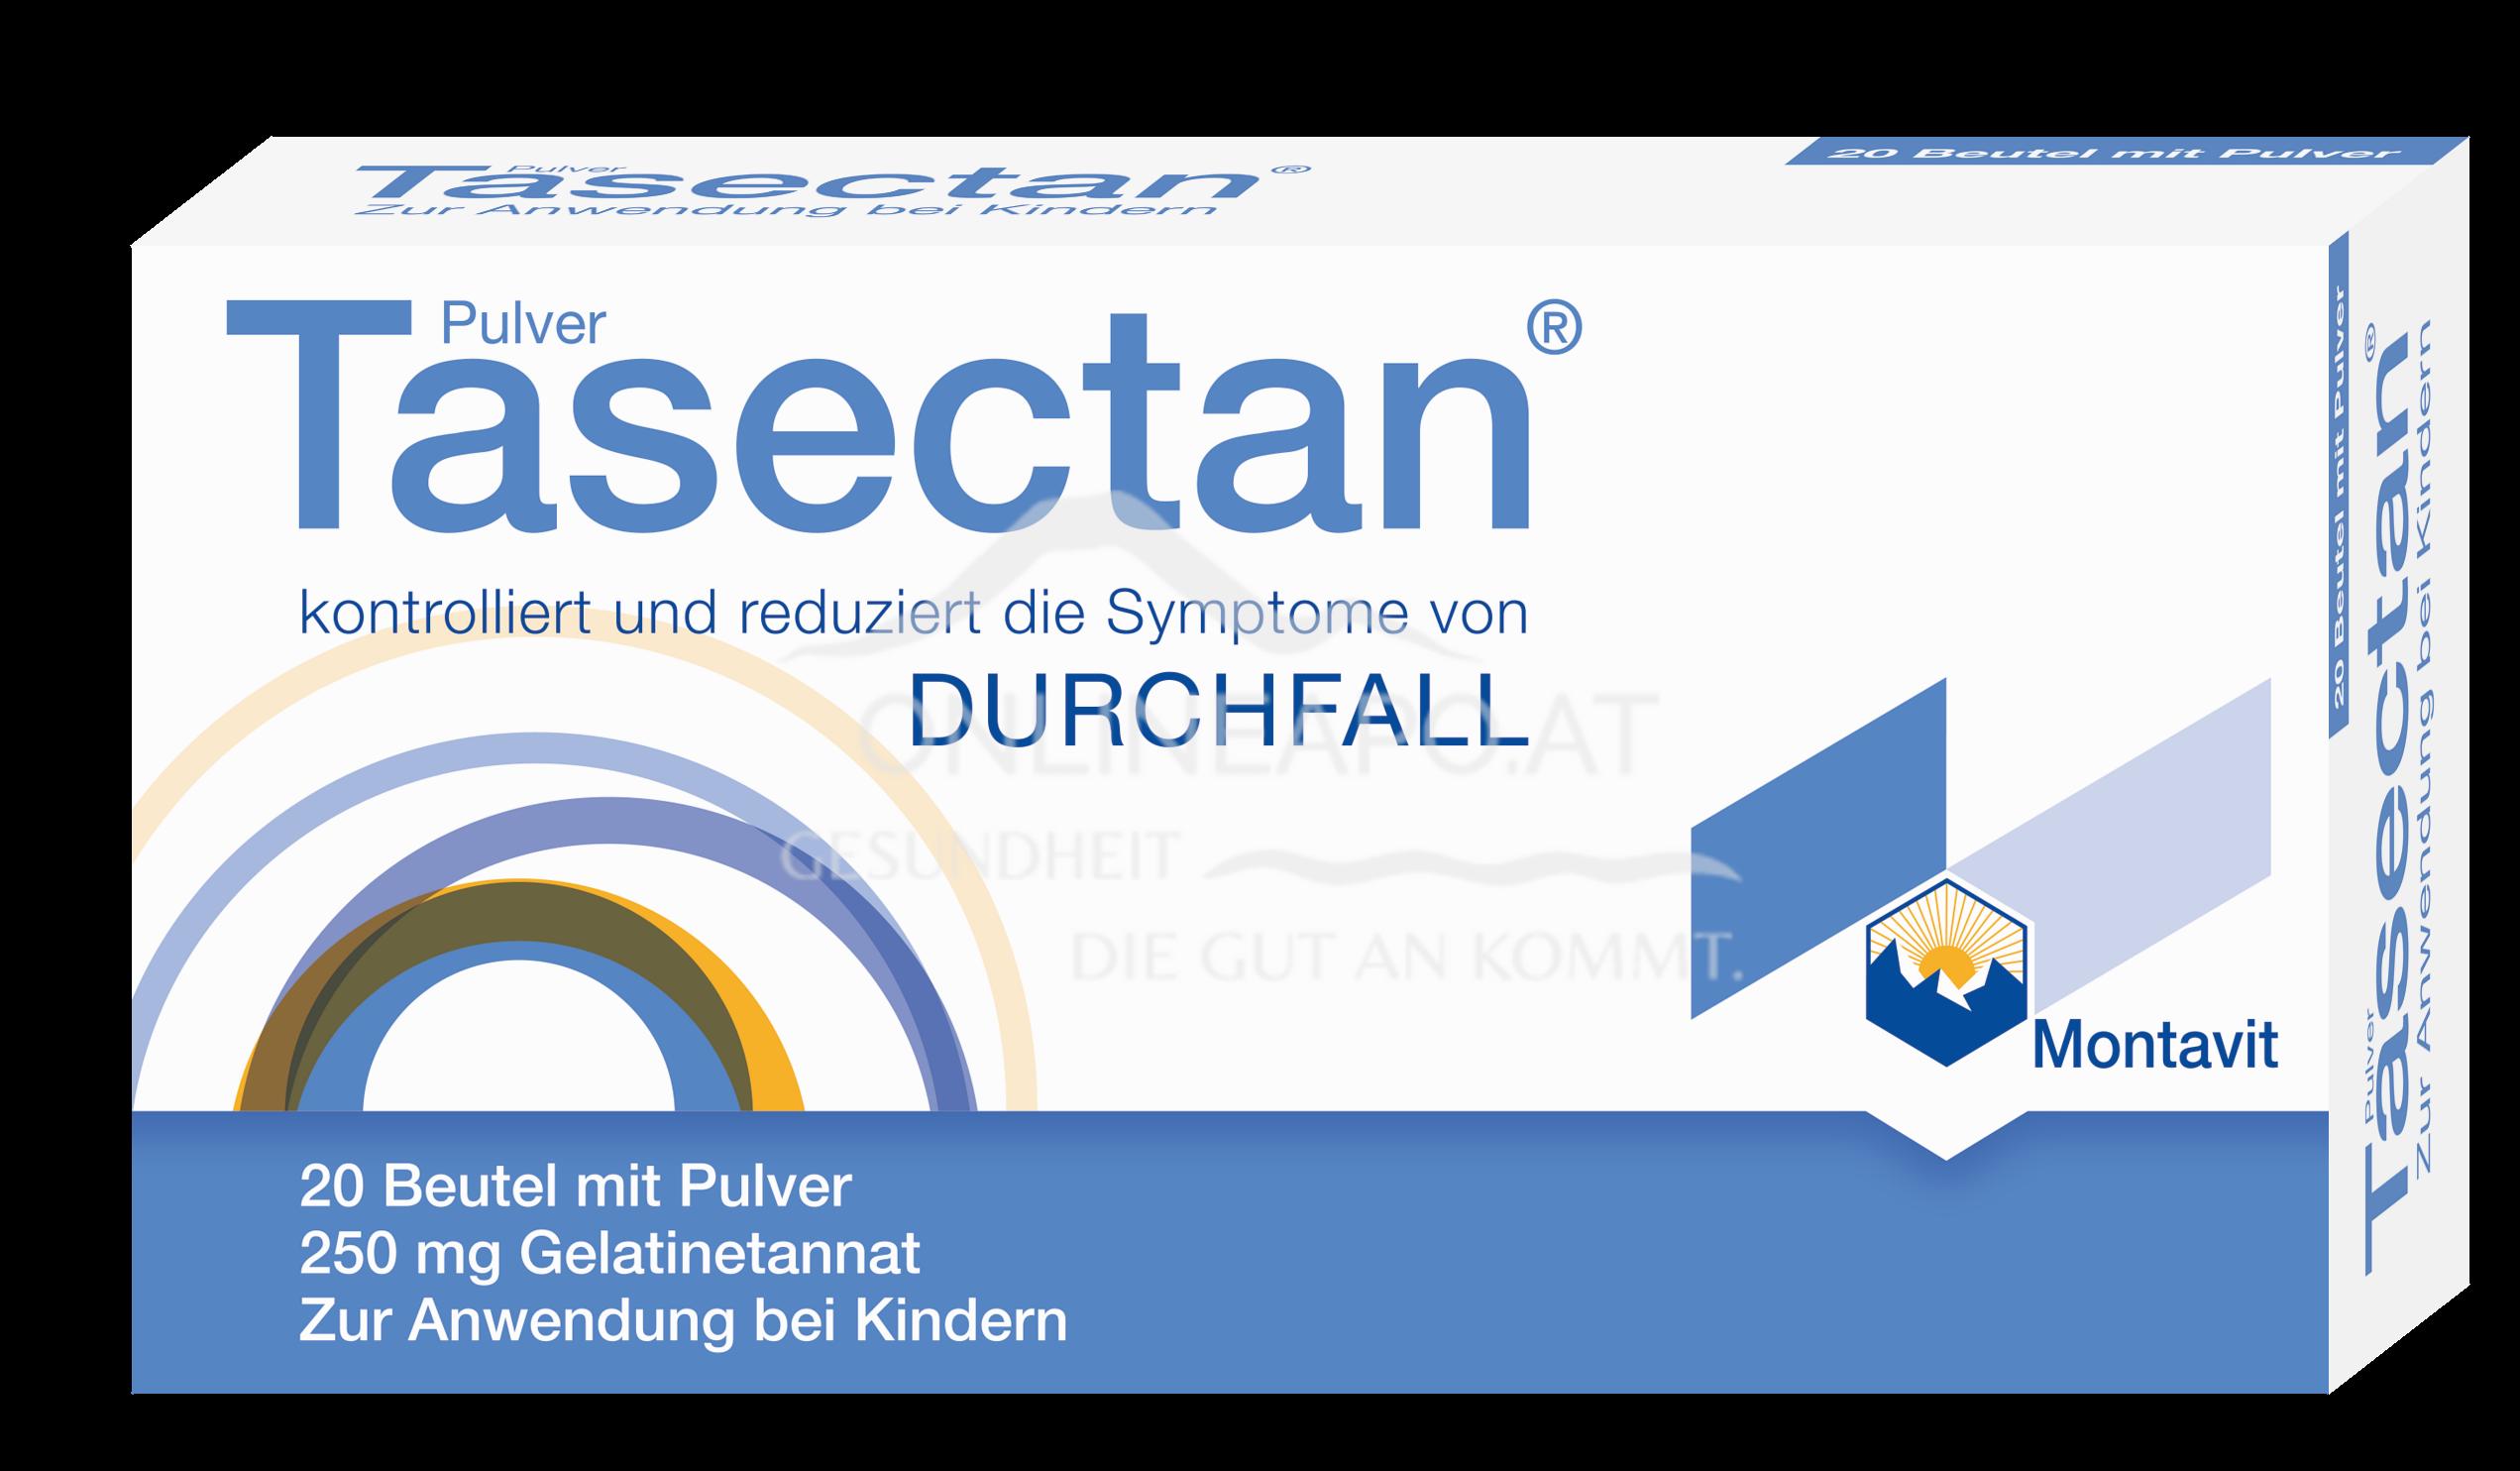 Tasectan Pulver in Beuteln für Kinder zu je 250 mg